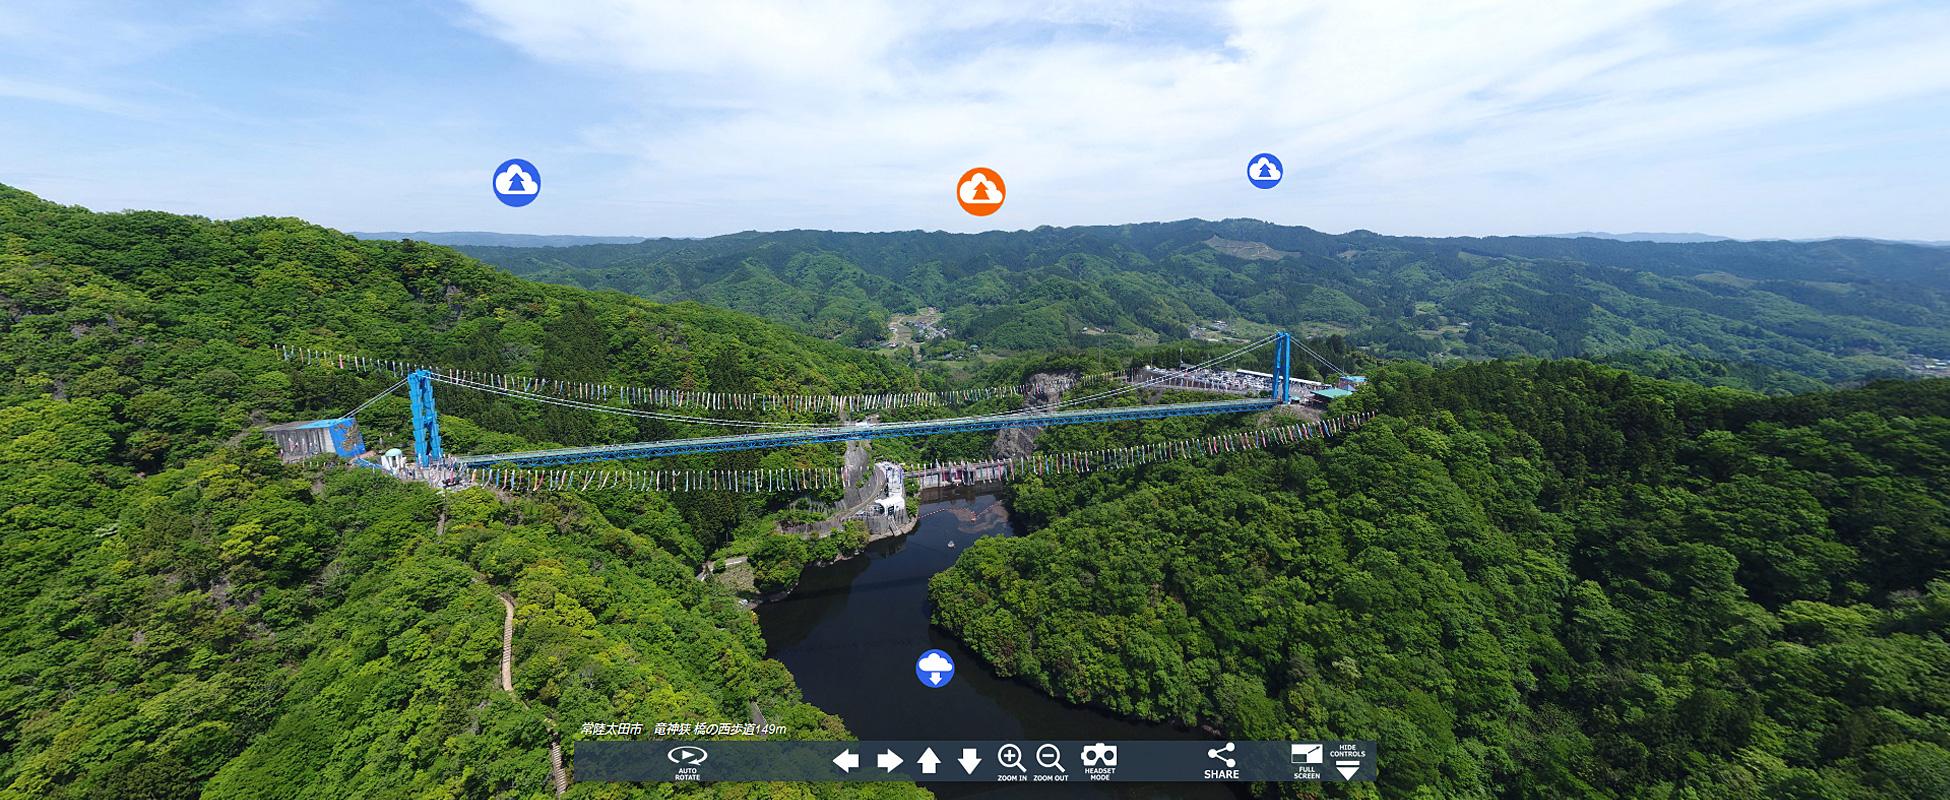 茨城県のおすすめ観光スポット竜神峡・竜神ダム・竜神大橋360VRツアー